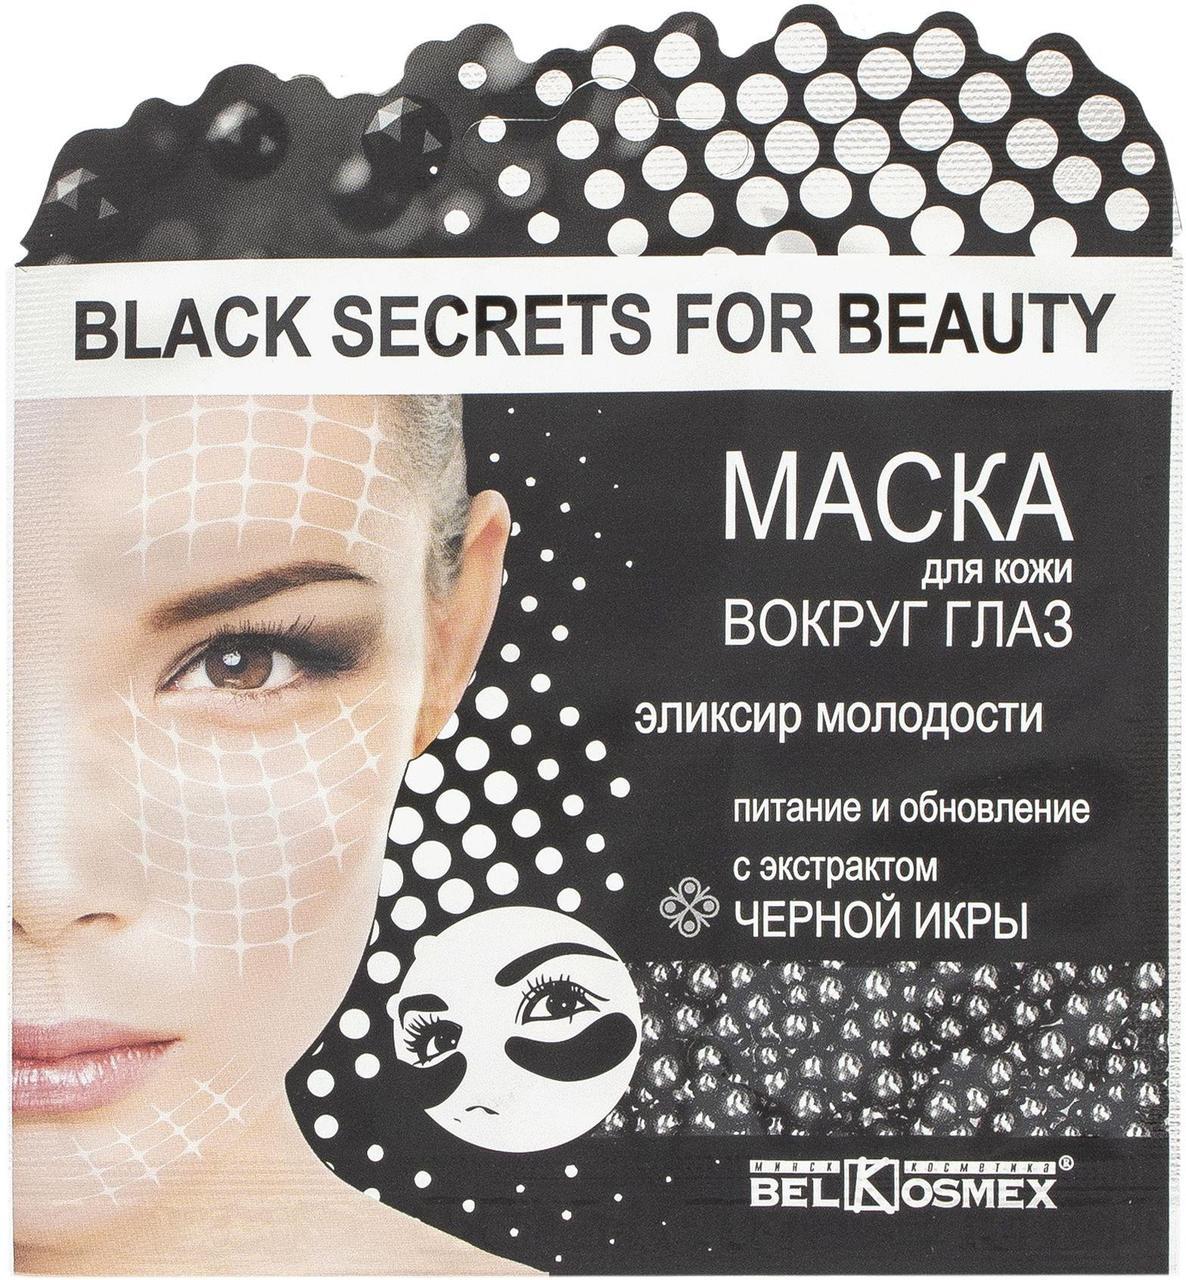 Маска для шкіри навколо очей еліксир молодості харчування і оновлення з екстрактом чорної ікри